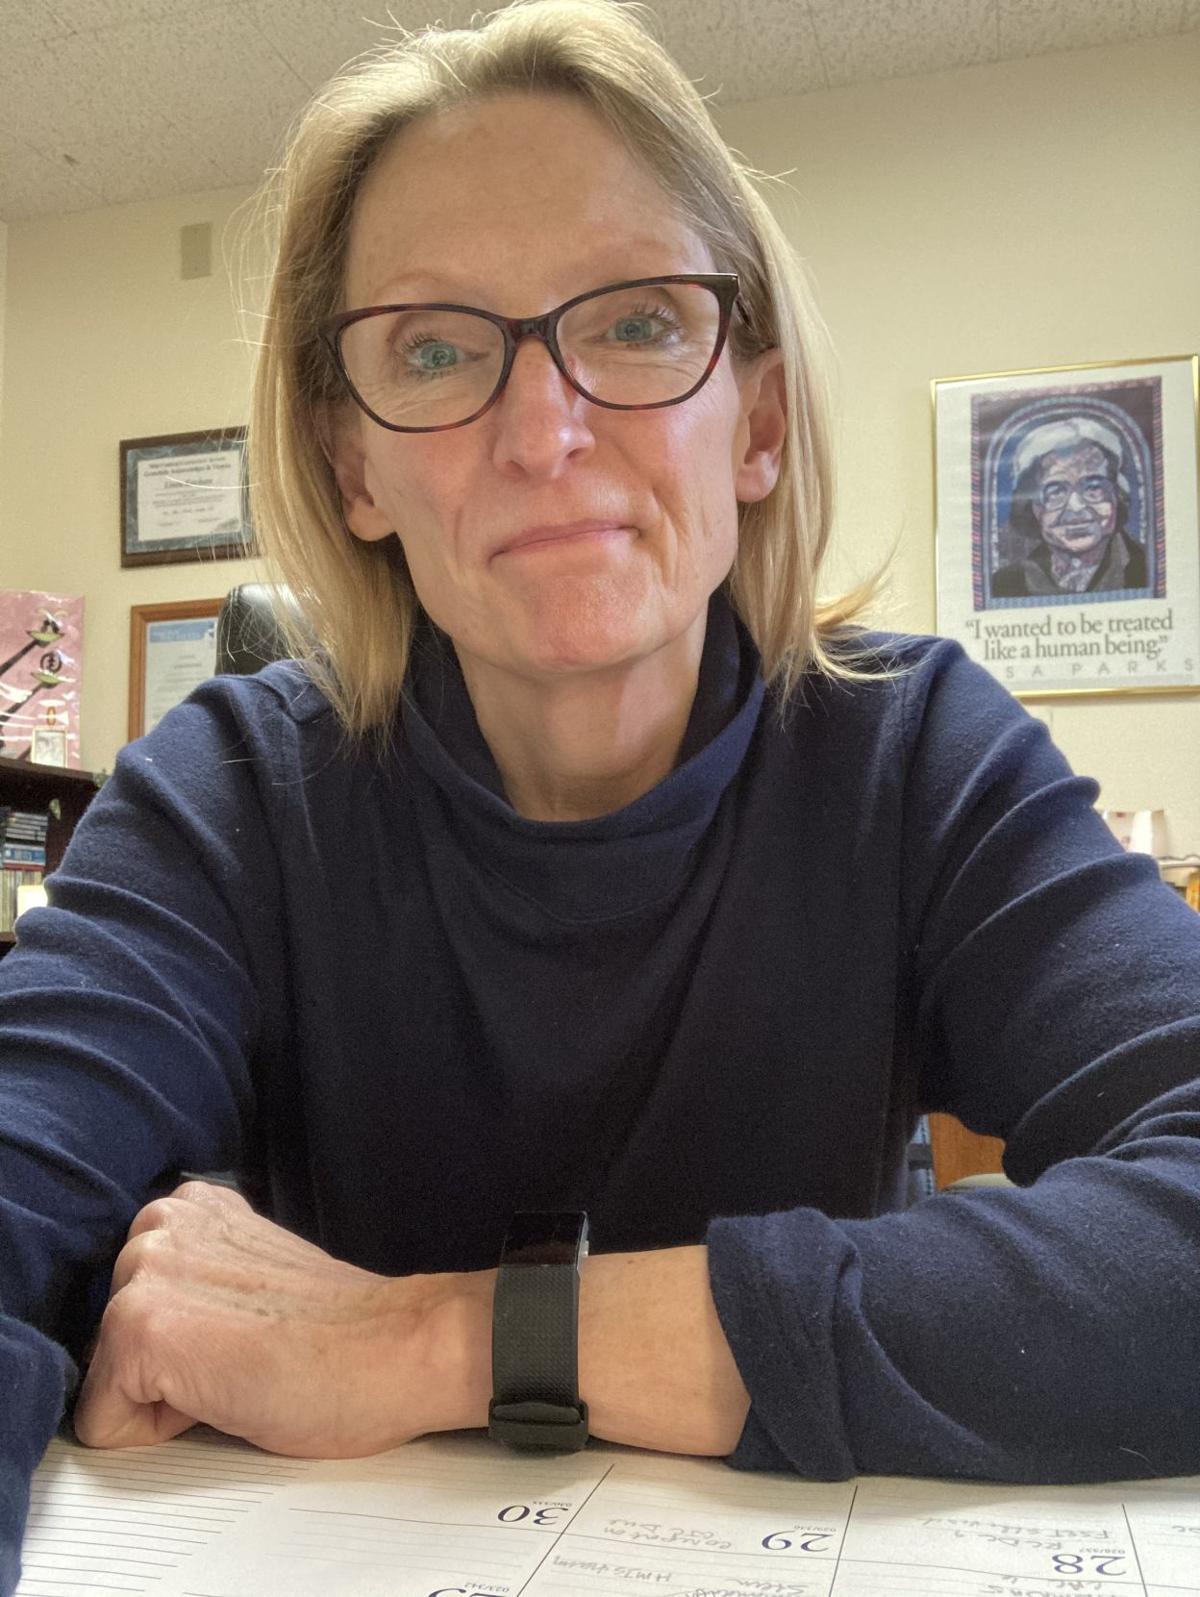 Linda Ketcham